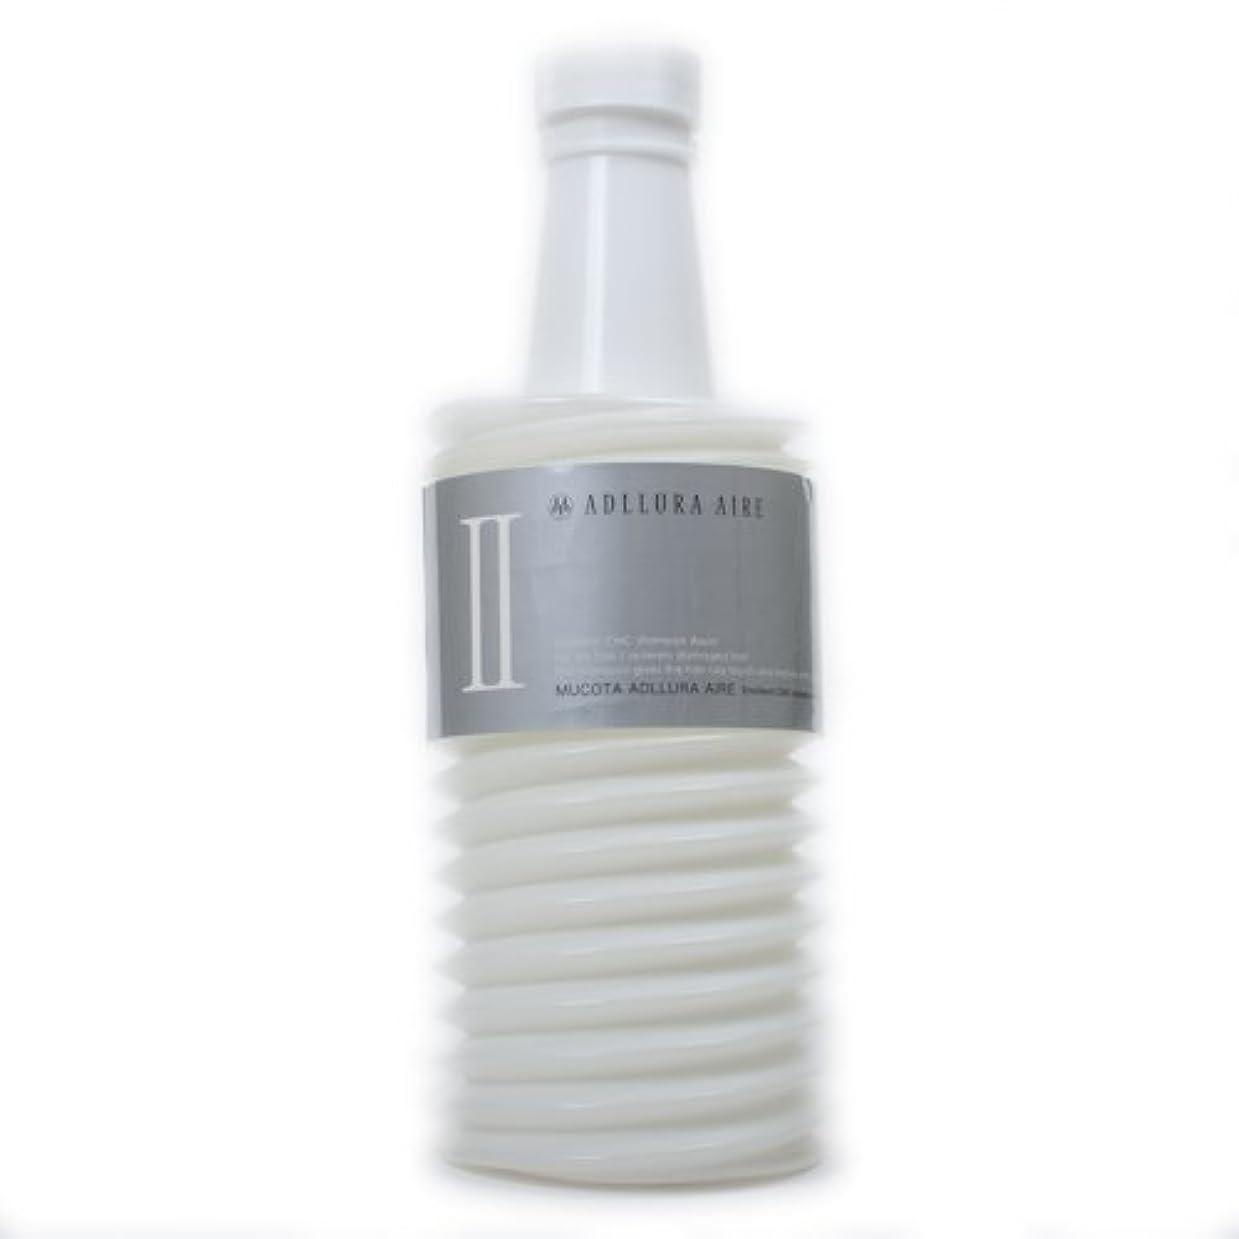 南西化学薬品不透明なムコタ アデューラアイレ02 エモリエントCMCシャンプーアクア 700ml